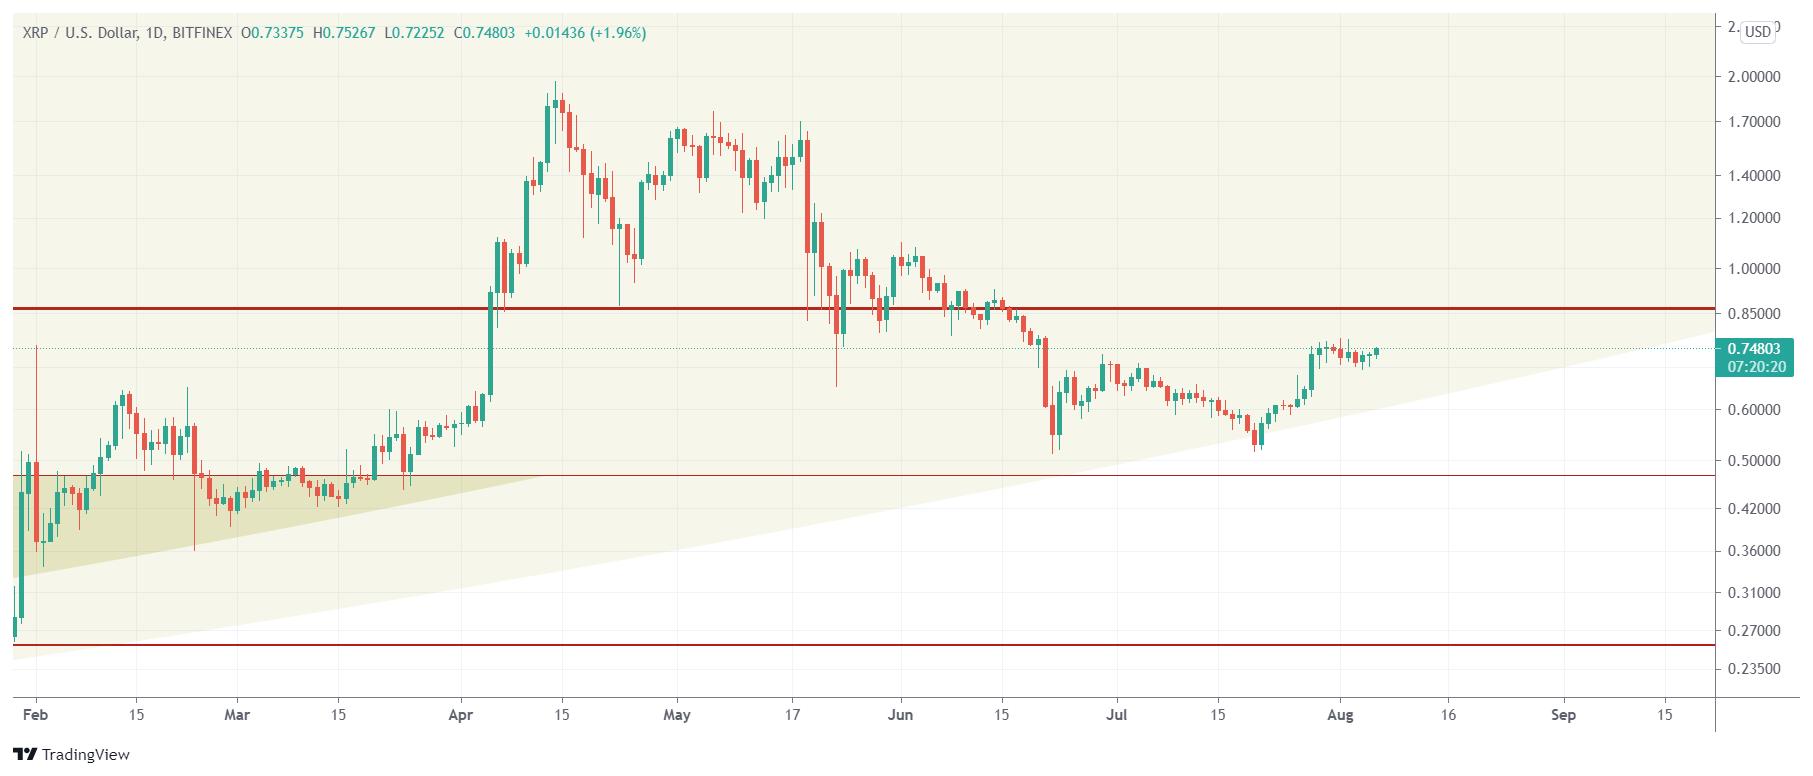 xrp price chart